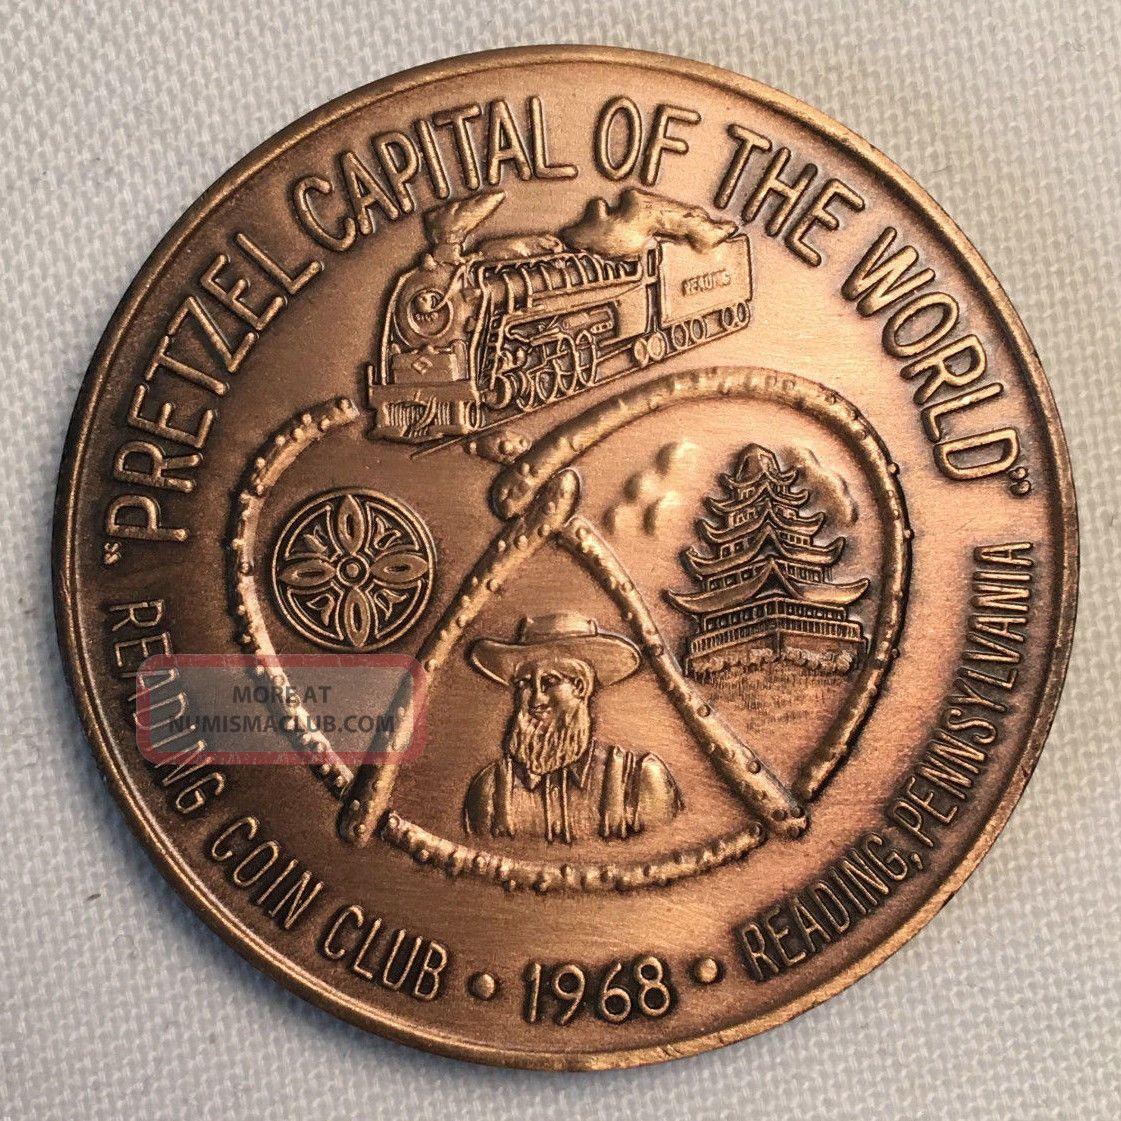 1968 Penn - Ohio Coin Club Token - Reading Pa Pretzel Capital Ch53 Exonumia photo